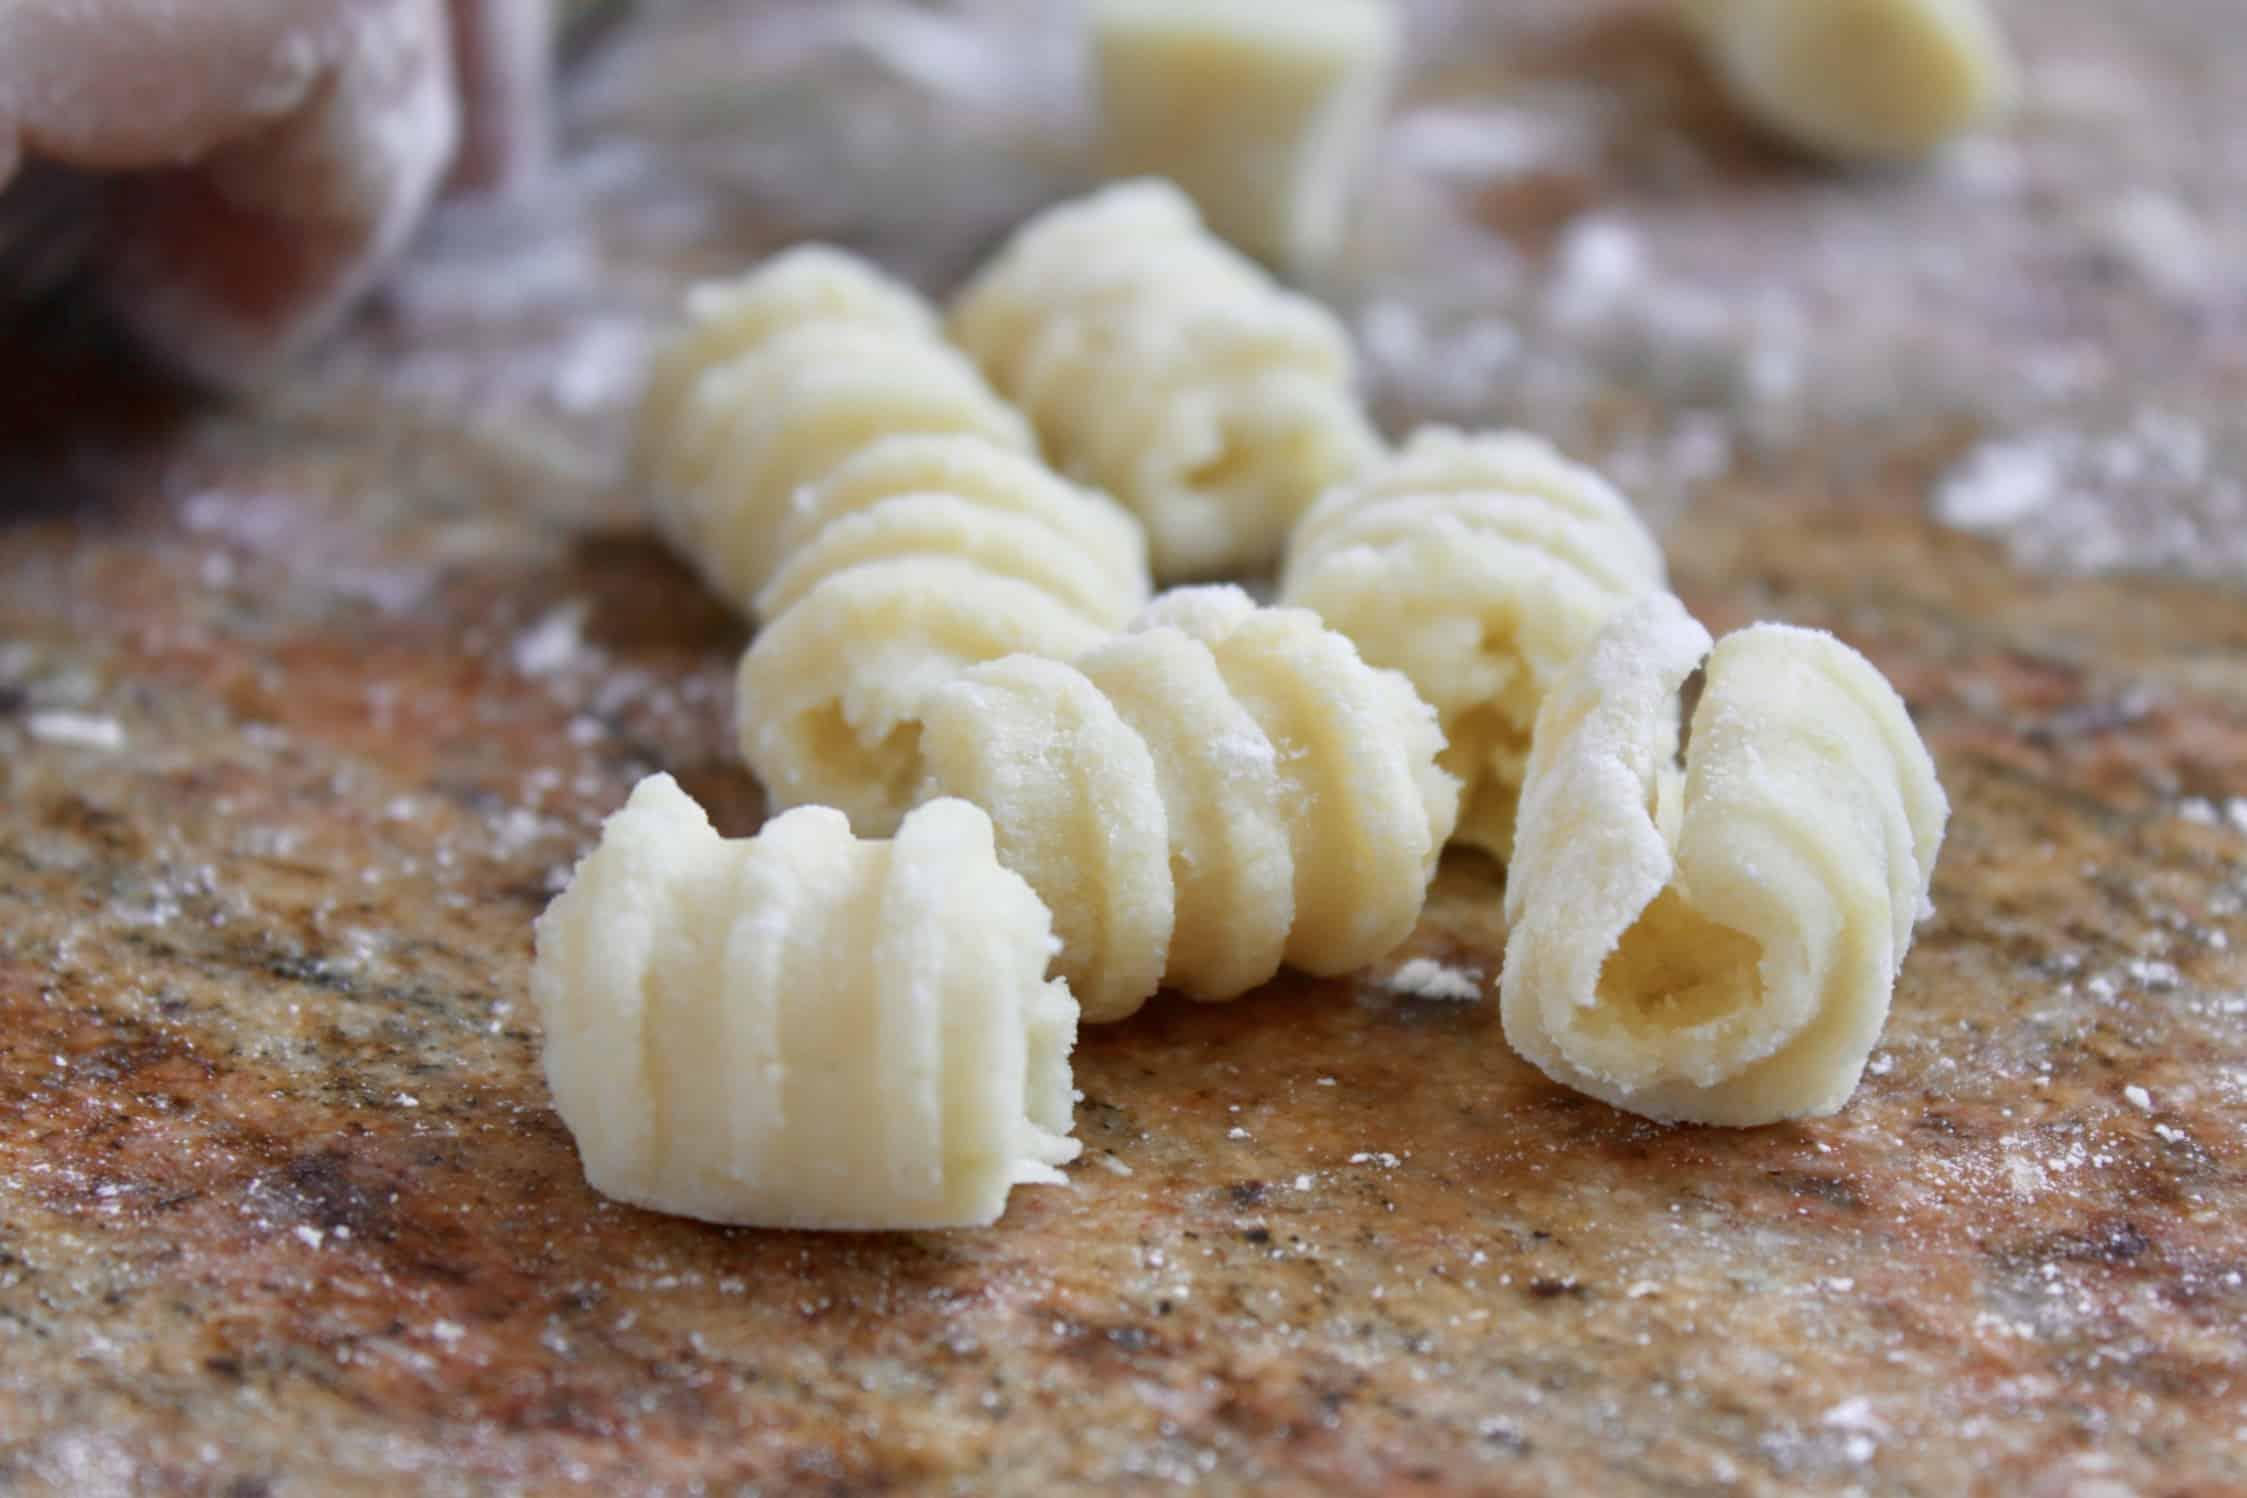 potato gnocchi ready to cook